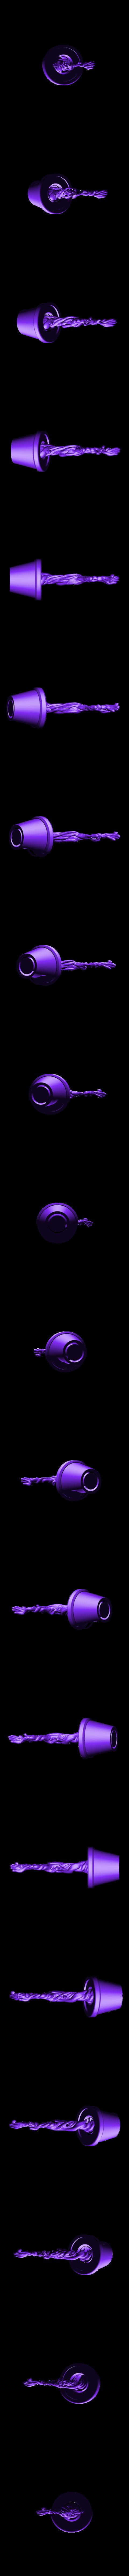 groots_head_body.stl Télécharger fichier STL gratuit Groot dansant • Design pour impression 3D, Tarnliare